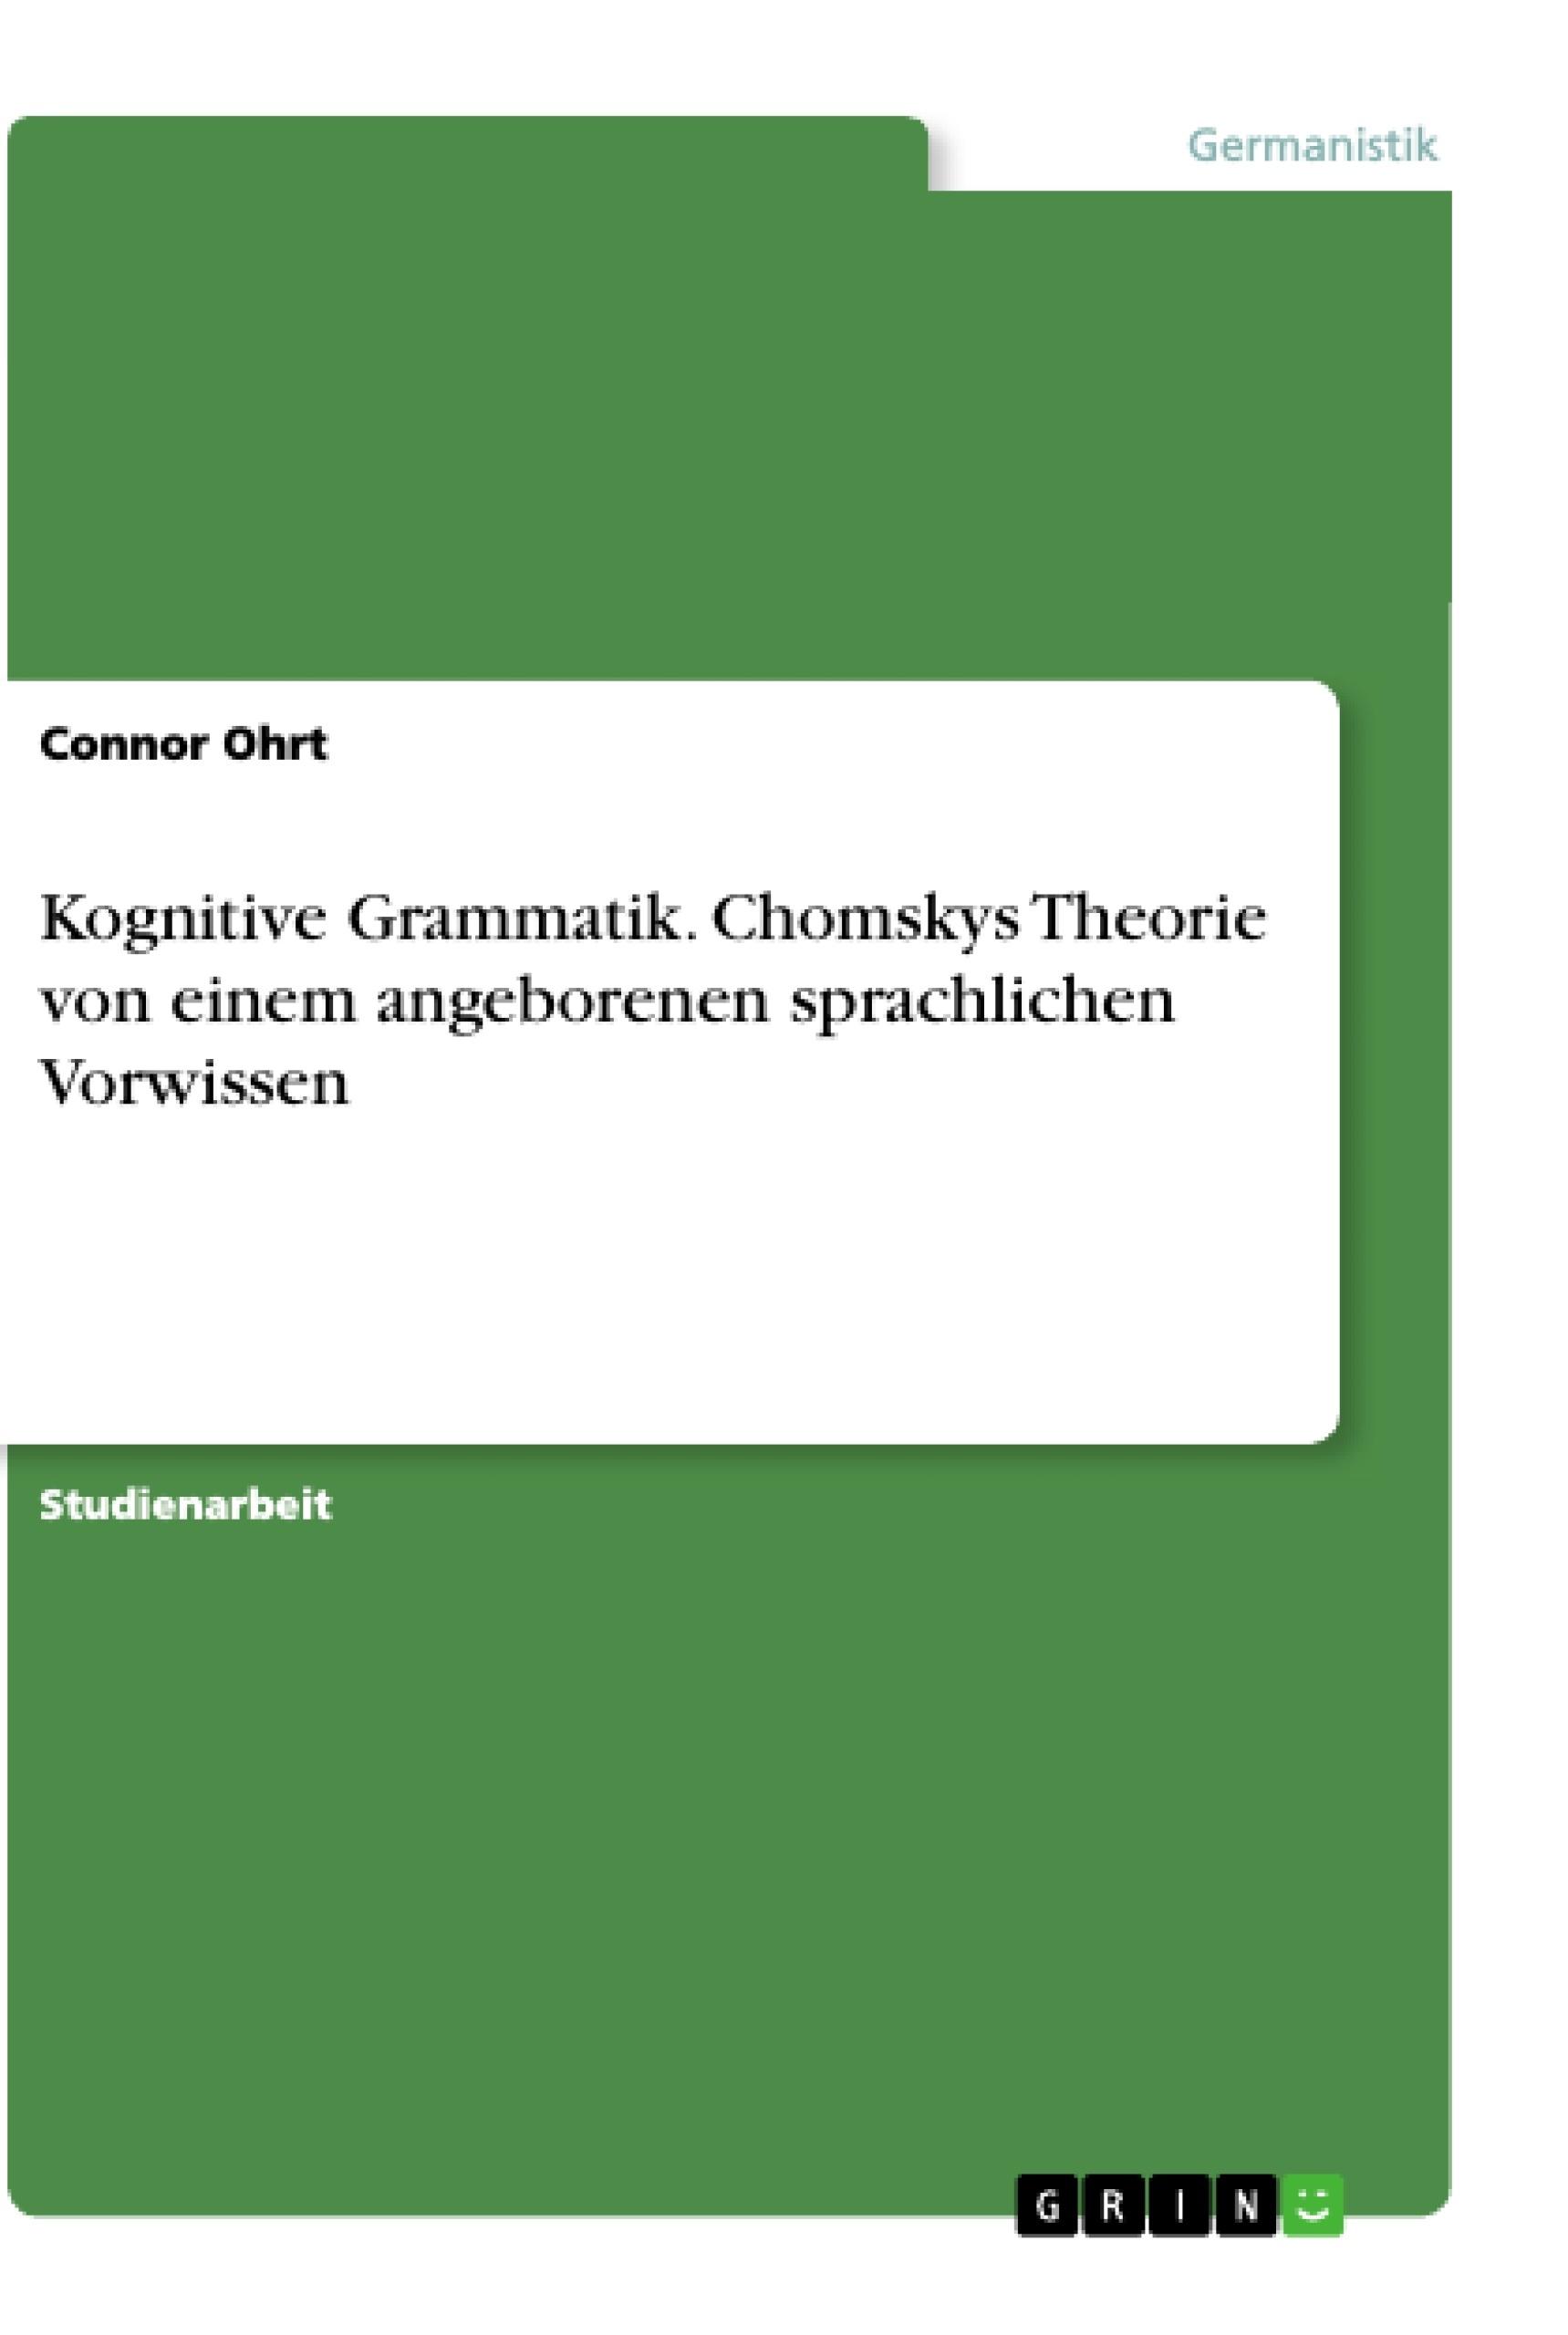 Titel: Kognitive Grammatik. Chomskys Theorie von einem angeborenen sprachlichen Vorwissen